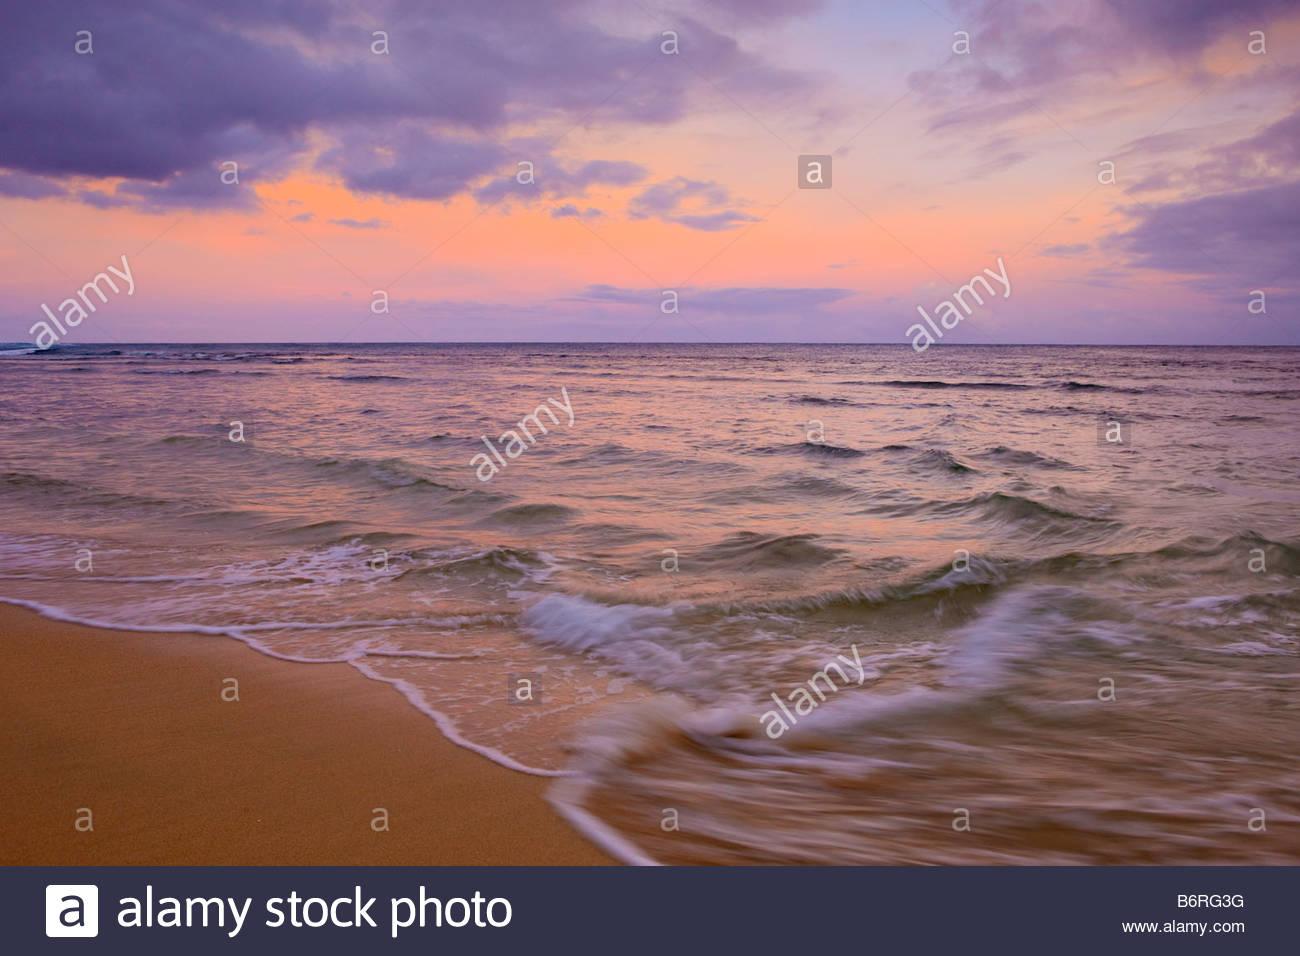 Choppy waves strike Ke'E Beach during a stormy sunrise on the north coast of Kauai, Hawaii. - Stock Image